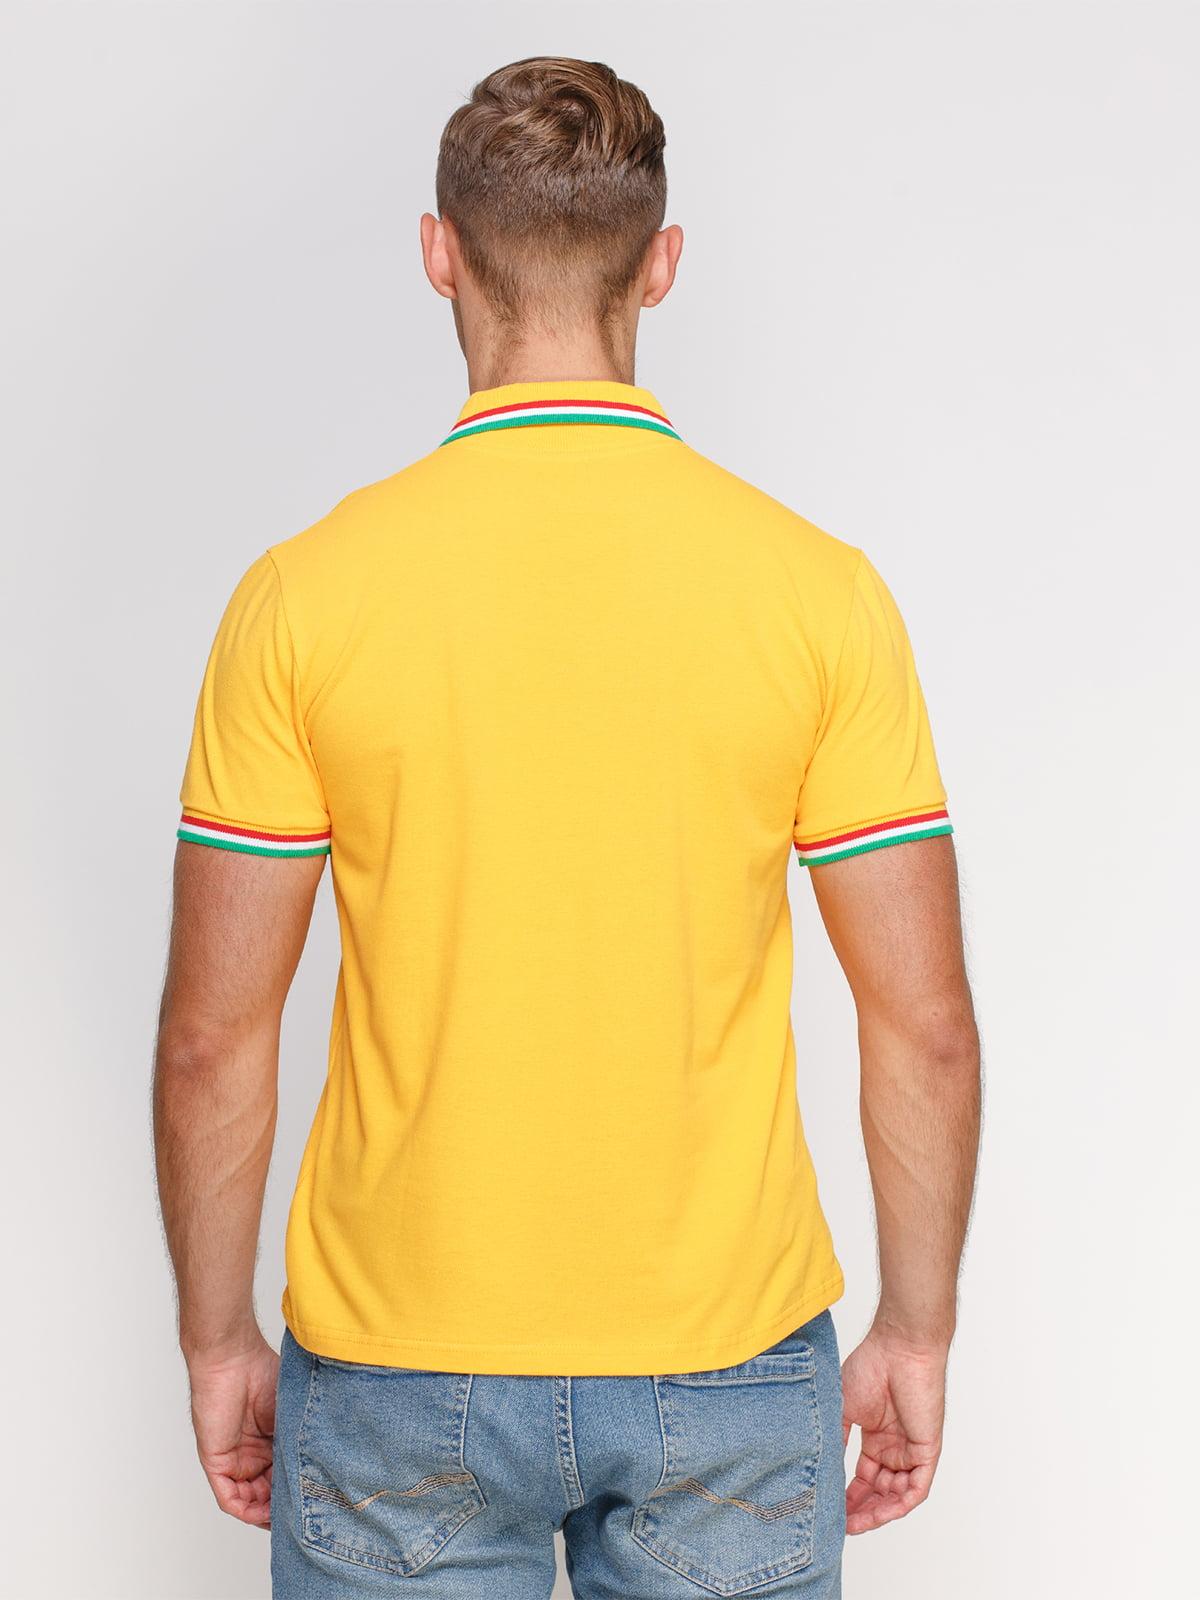 Футболка-поло желтая с принтом   4578477   фото 2